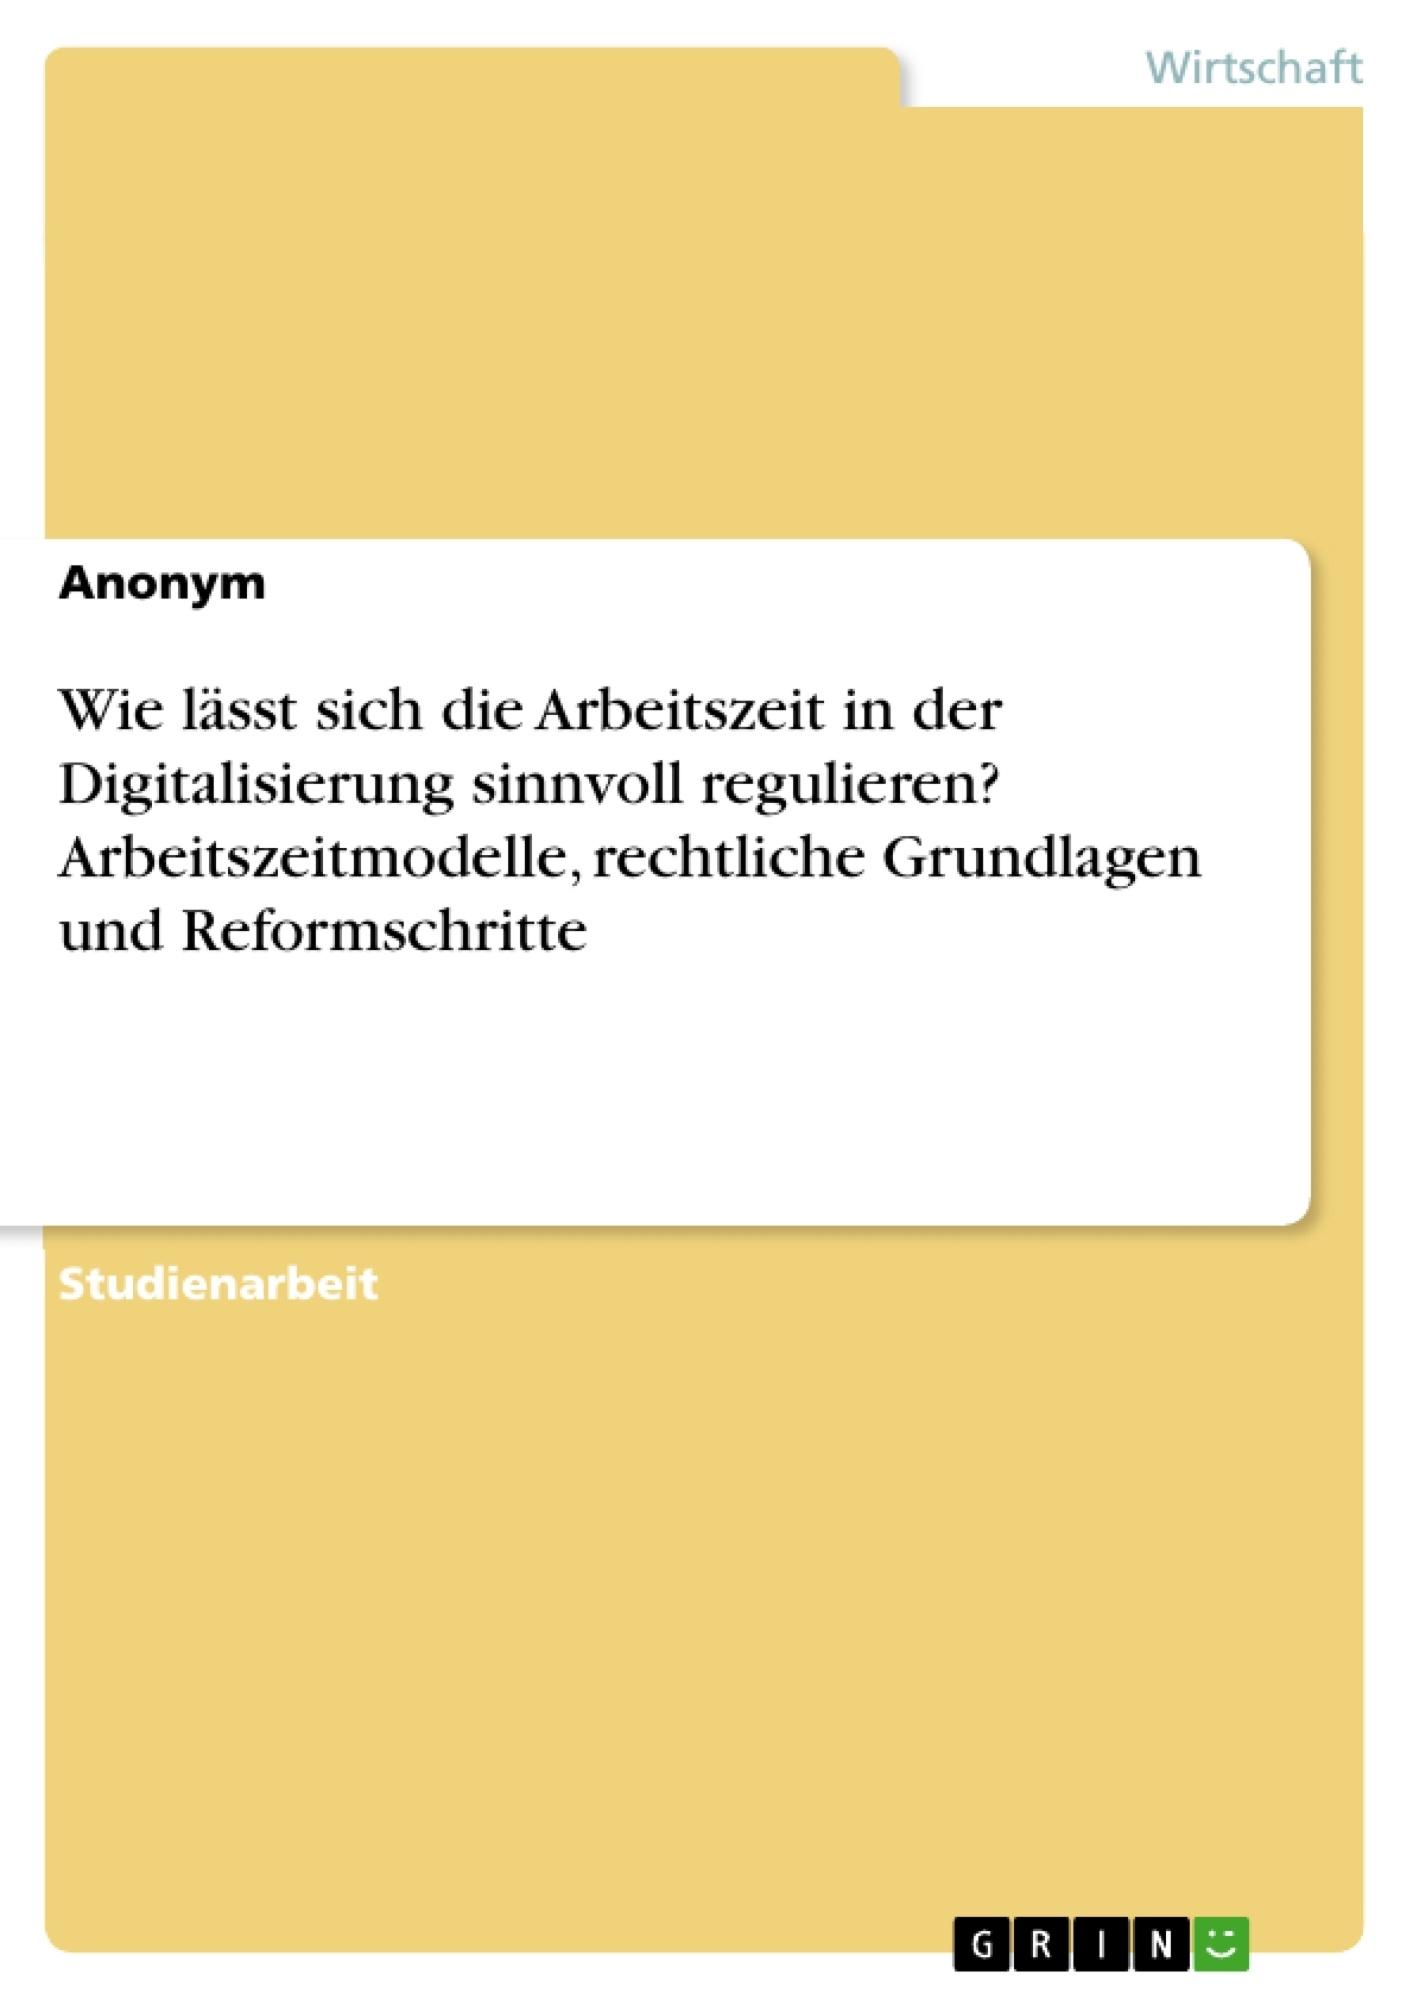 Titel: Wie lässt sich die Arbeitszeit in der Digitalisierung sinnvoll regulieren? Arbeitszeitmodelle, rechtliche Grundlagen und Reformschritte